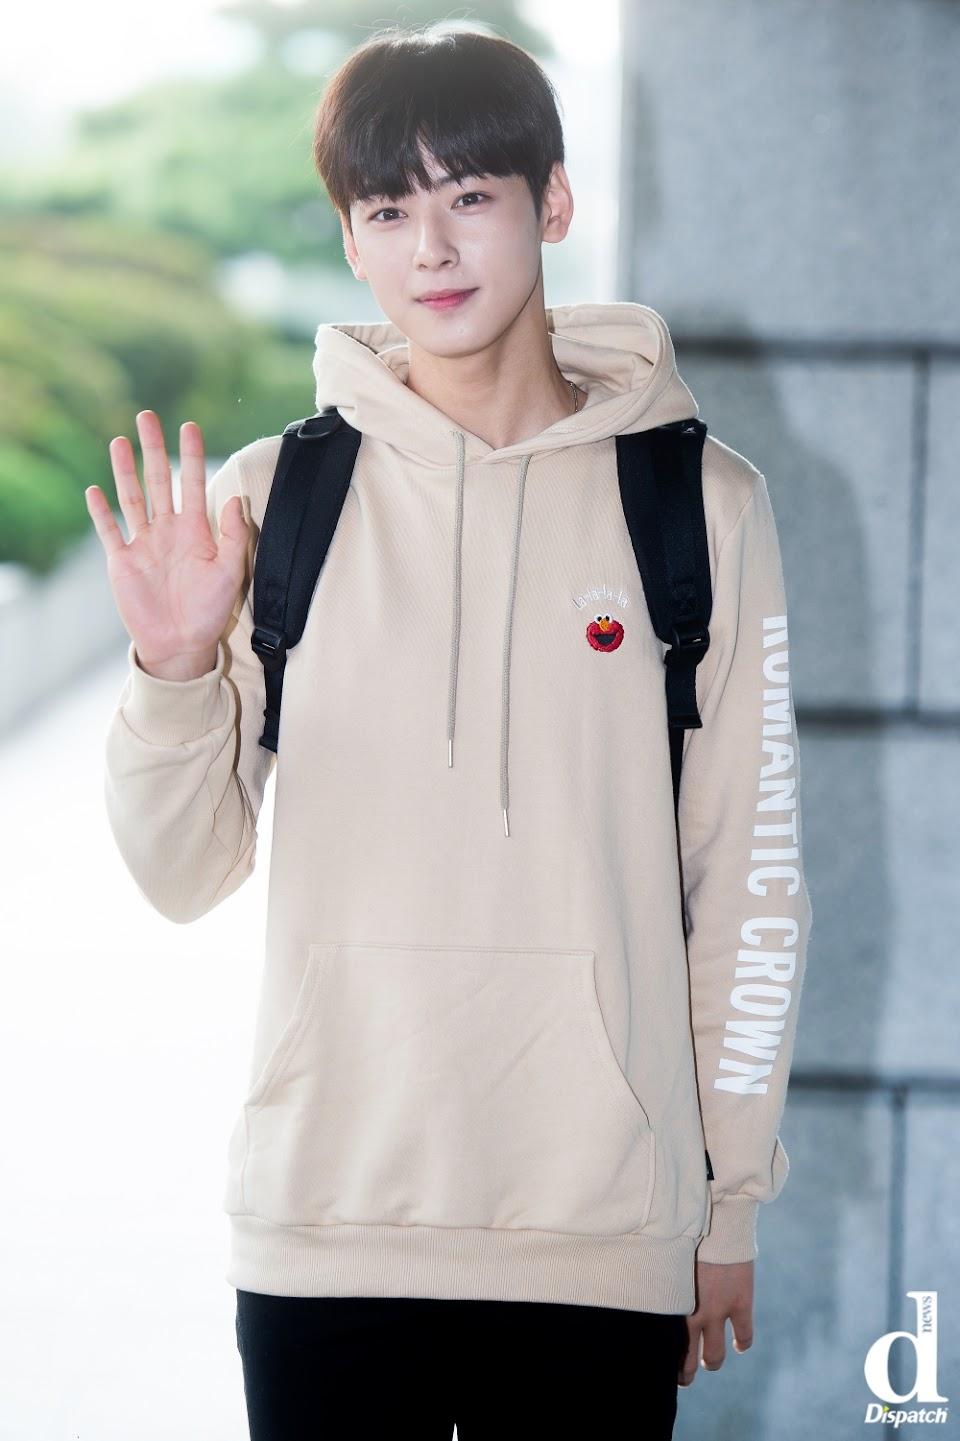 chaeunwoo2